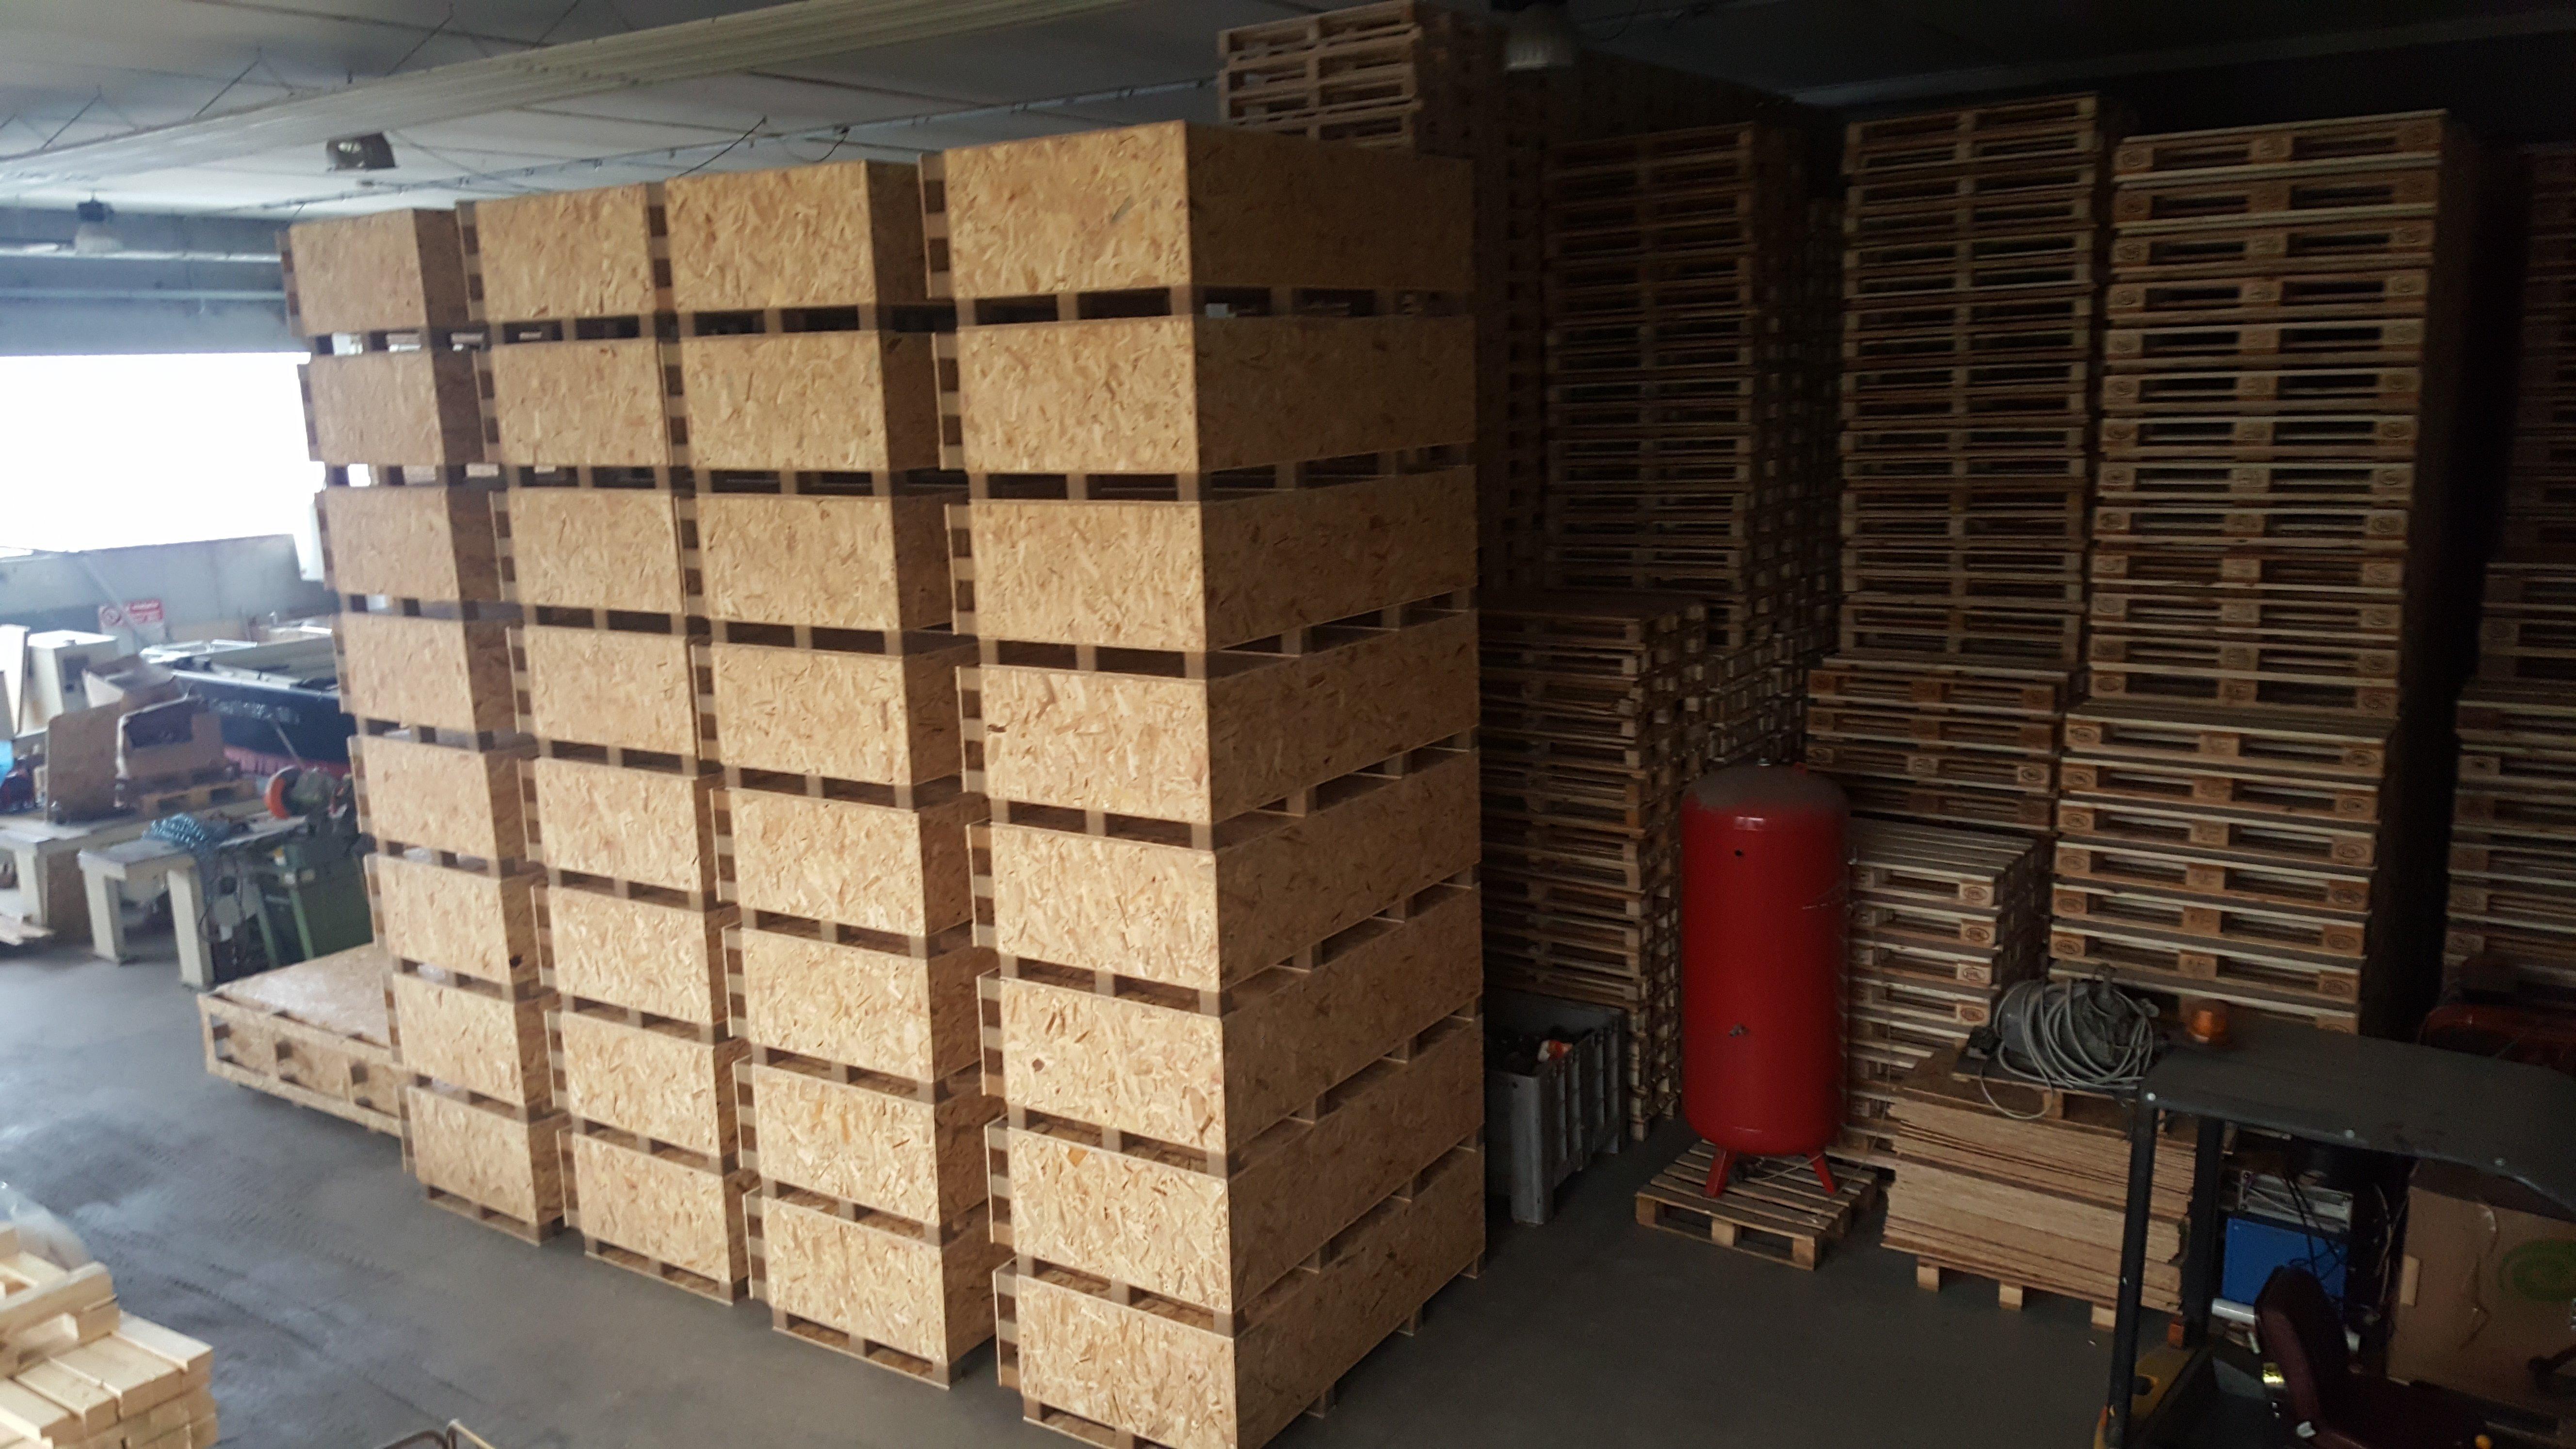 imballaggi in legno all'interno dell'azienda